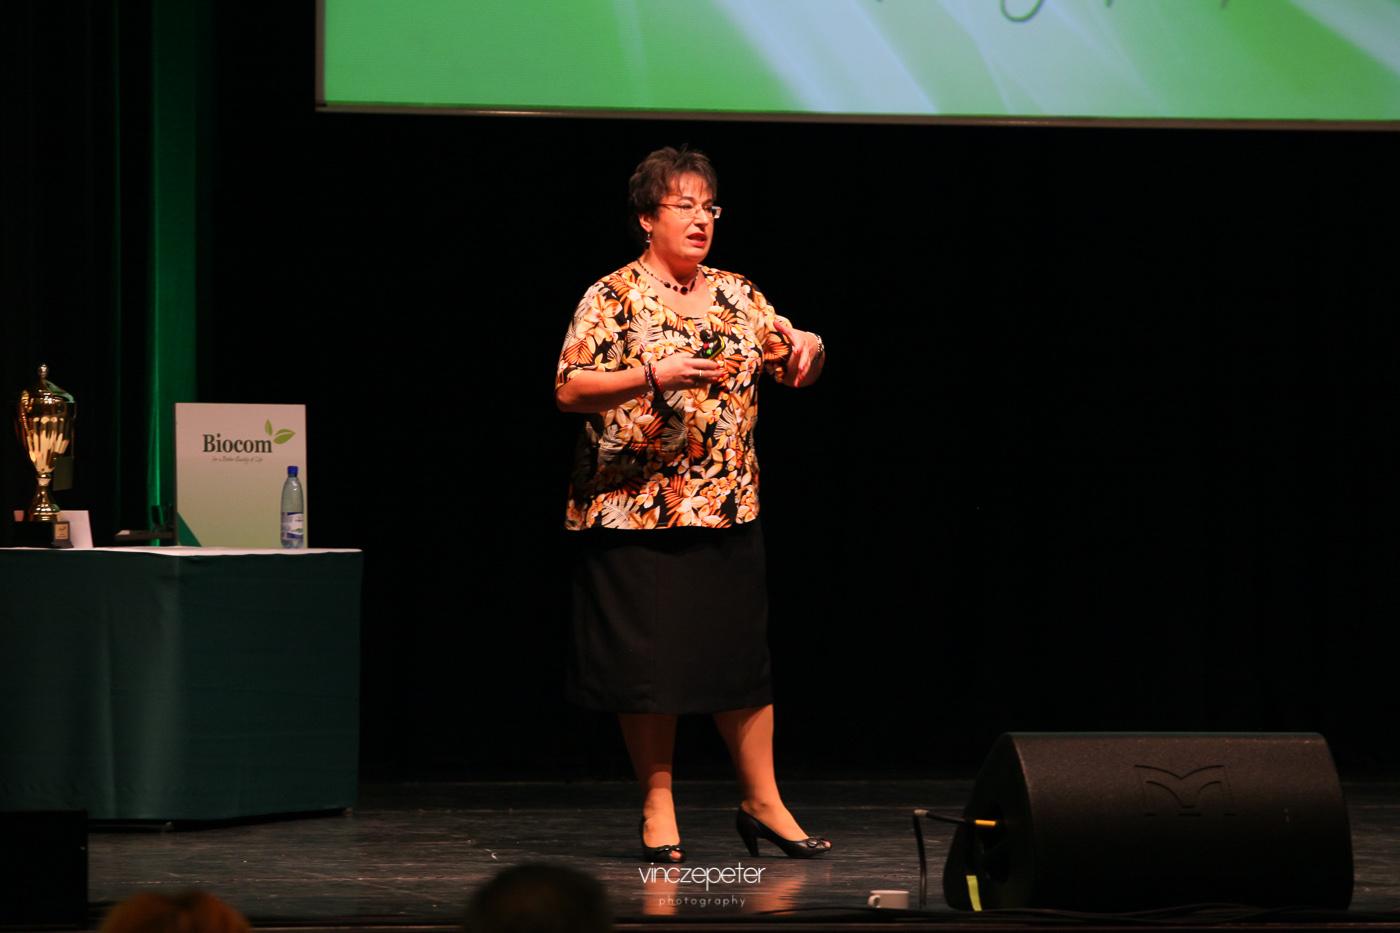 Népszerű és közérthető előadást tartott a szív-és érrendszeri betegségek kockázatairól dr. Patkó Katalin. Egyben lehetséges utakat is mutatott a megelőzésre, Biocom termékek segítségével...